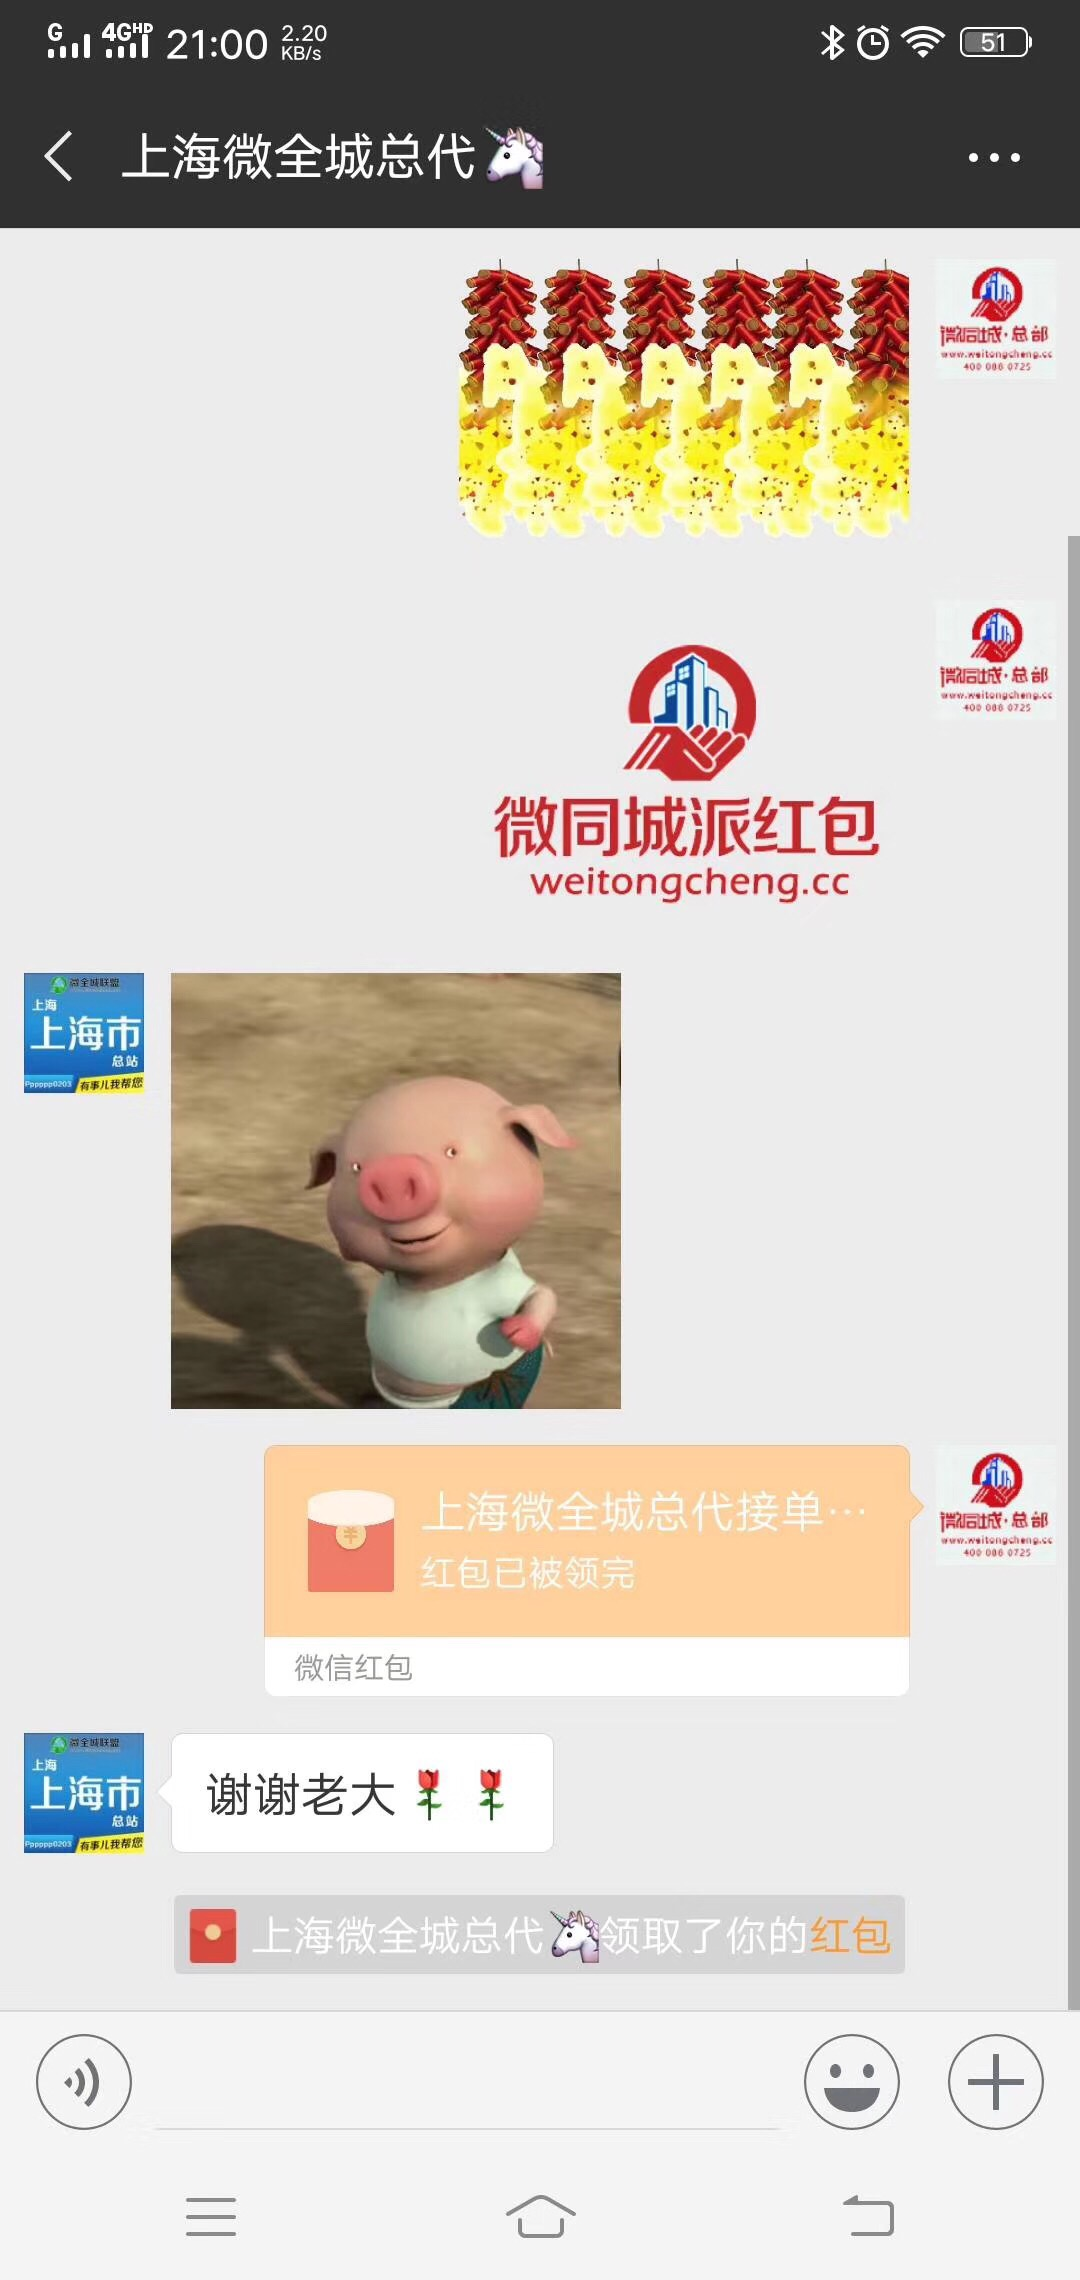 【赚123元】上海微全城微帮总代广告佣金